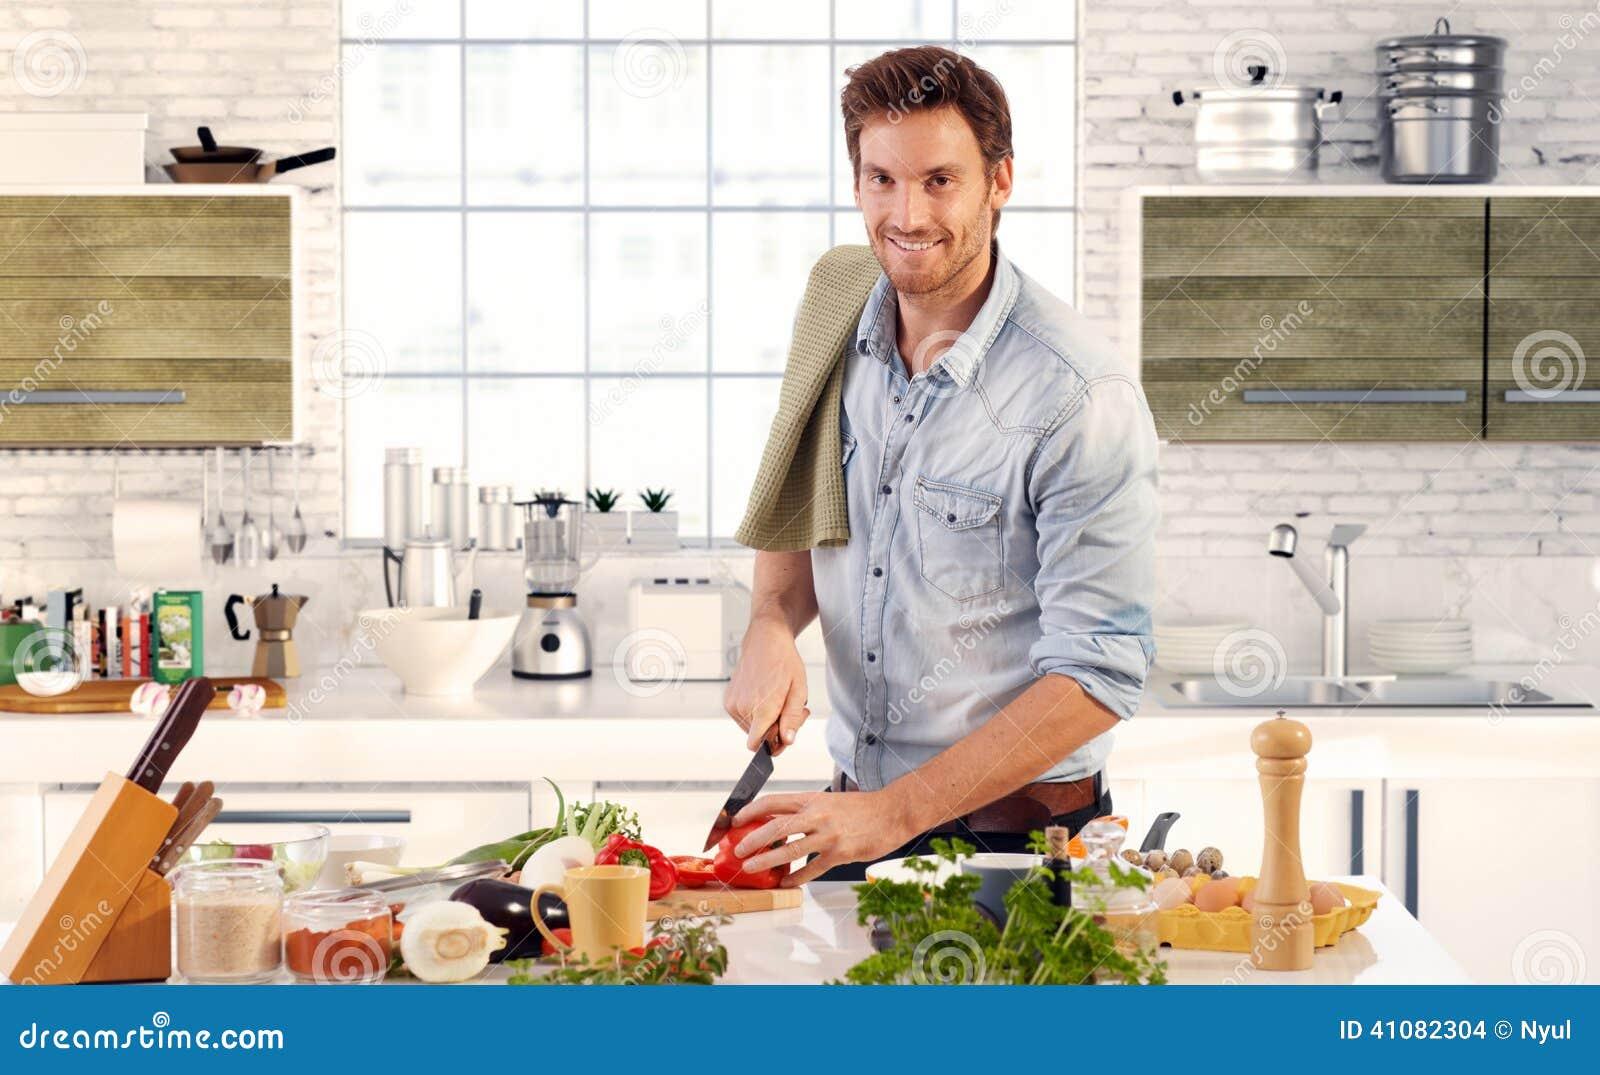 homme bel faisant cuire dans la cuisine la maison photo stock image 41082304. Black Bedroom Furniture Sets. Home Design Ideas